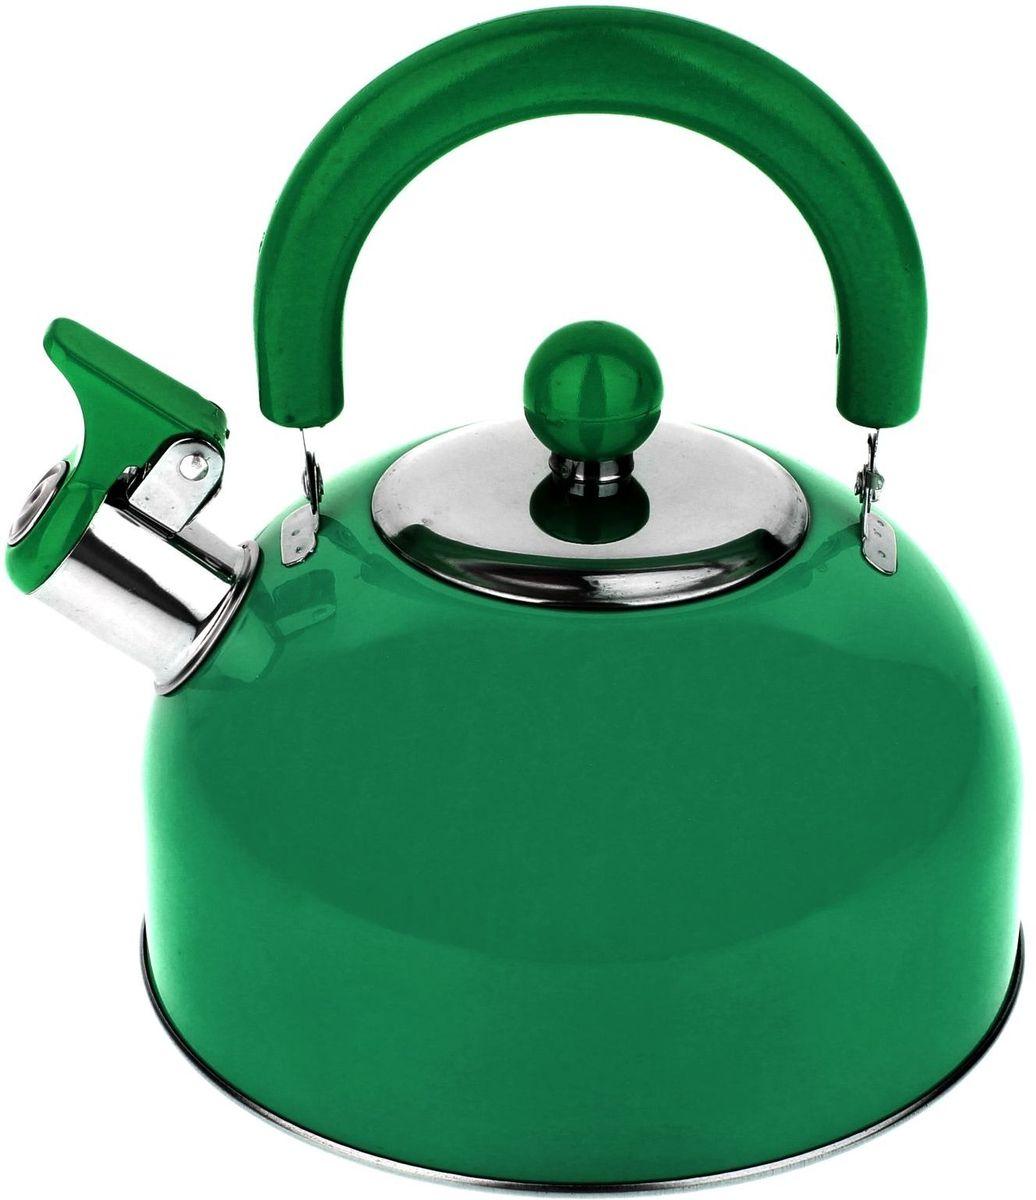 Чайник Доляна Радуга, со свистком, цвет: зеленый, 2,1 л863664Чайник Доляна Радуга выполнен из высококачественной нержавеющей стали. Материал изделия отличается неприхотливостью в уходе, безукоризненной функциональностью, гигиеничностью и стойкостью к коррозии. Чайники из нержавеющей стали абсолютно безопасны для здоровья человека. Благодаря низкой теплопроводности и оптимальному соотношению дна и стенок вода дольше остается горячей, а качественное дно гарантирует быстрый нагрев. Чайник при кипячении сохраняет все полезные свойства воды. Чайник снабжен подвижной пластиковой ручкой. Удобная ручка не нагревается, и поэтому вероятность ожогов сводится к минимуму. Откидной свисток на носике чайника громко оповестит, когда закипела вода. Подходит для газовых, электрических, стеклокерамических, галогеновых, индукционных плит. Рекомендуется ручная мойка.